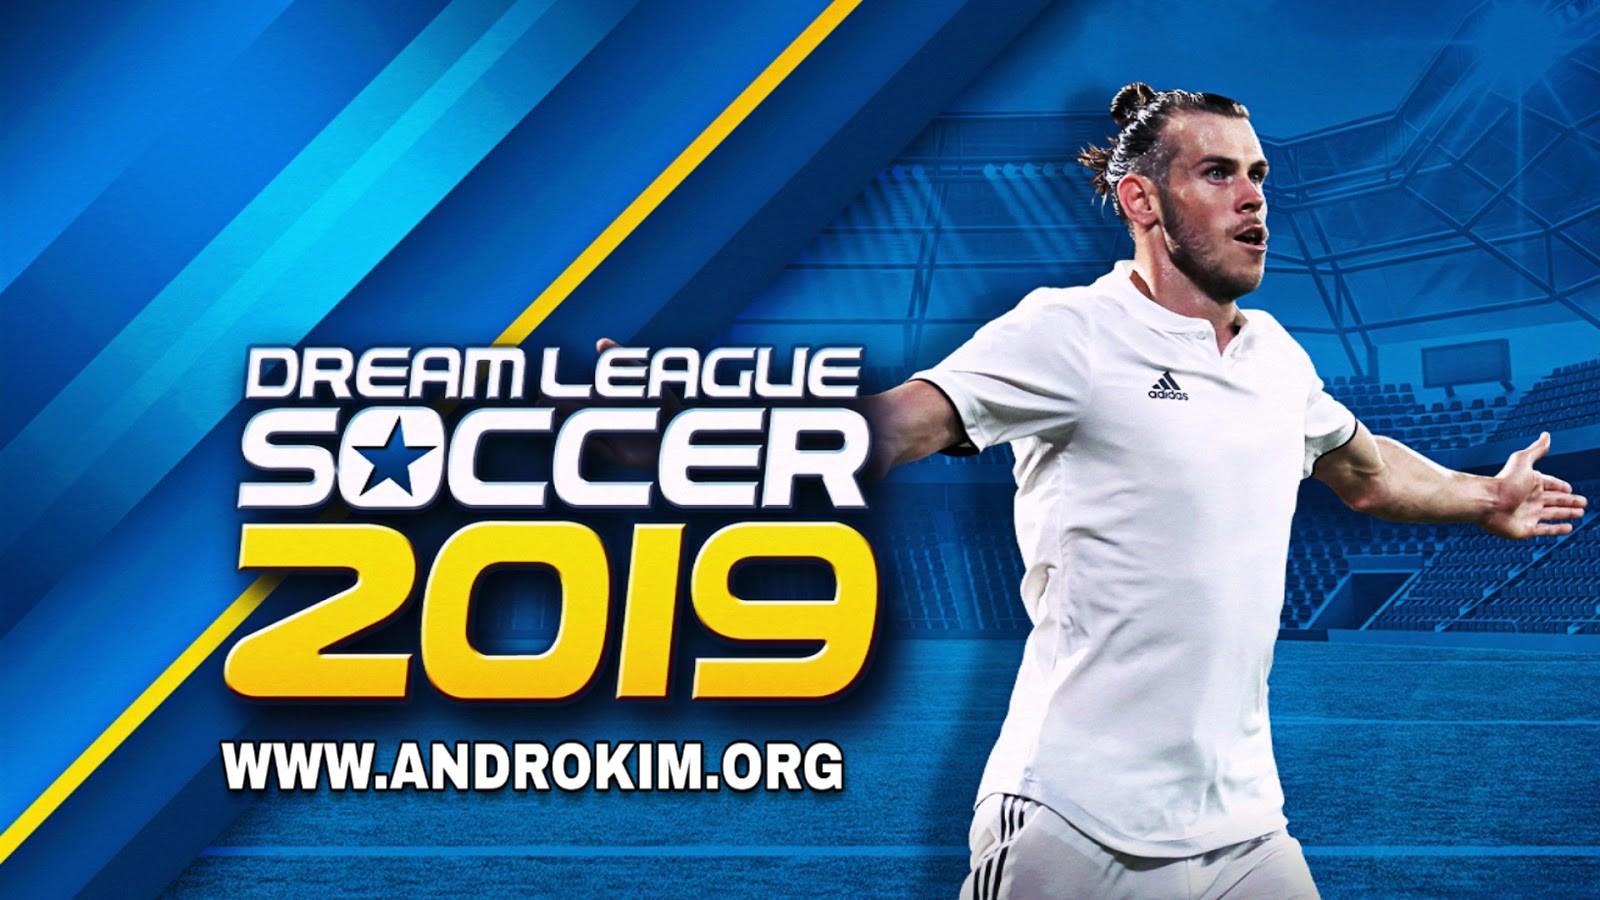 تحميل لعبة كرة القدم dream league